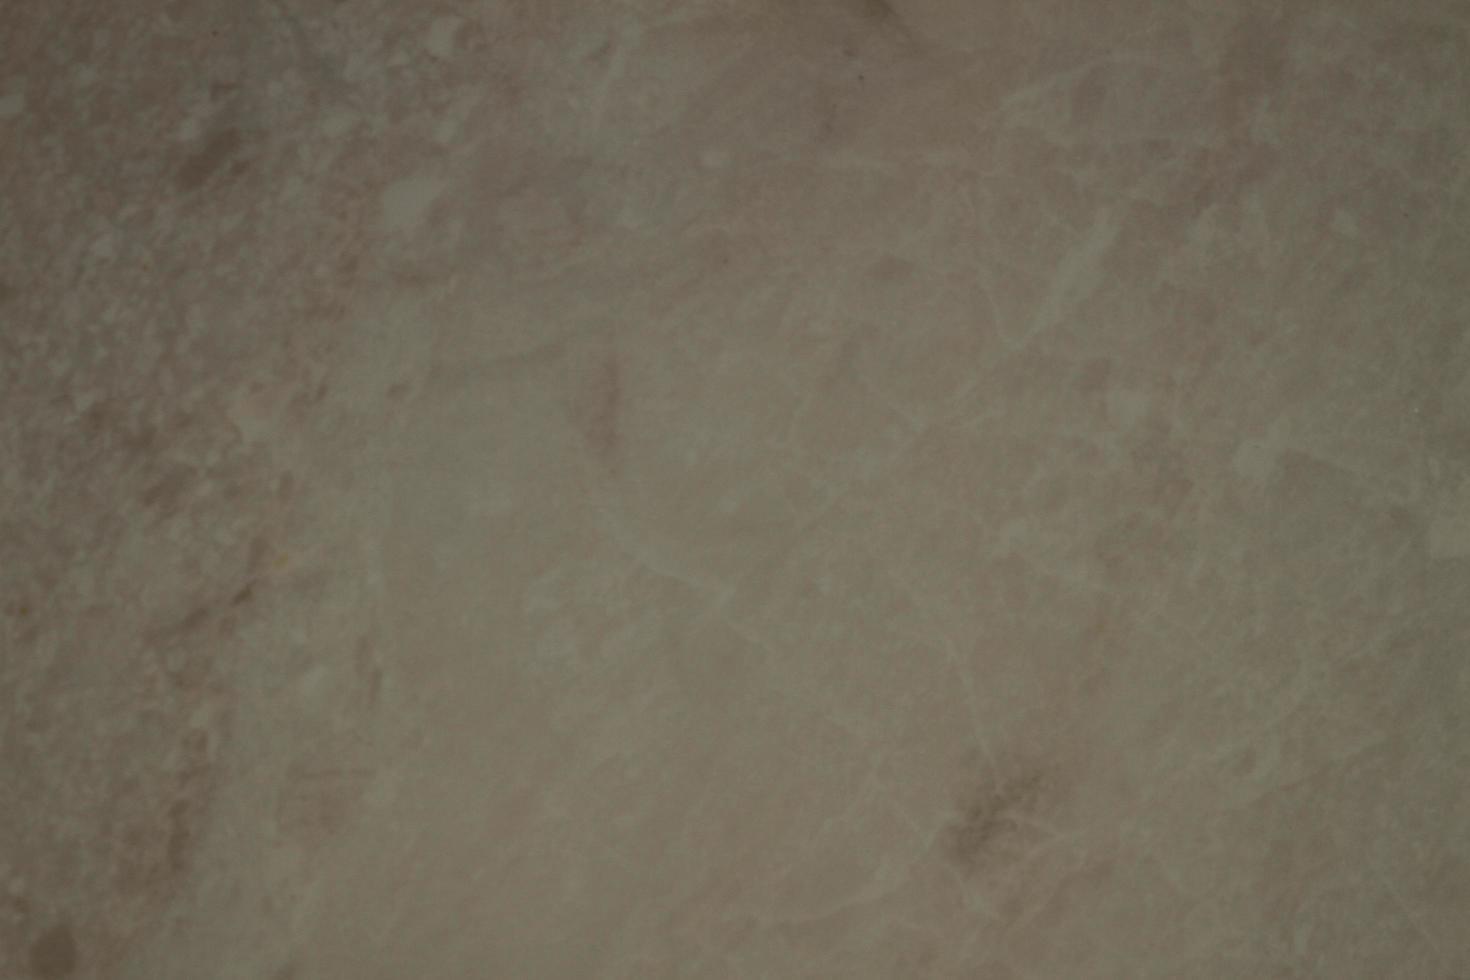 voorbeelden van verschillende marmerpatronen foto